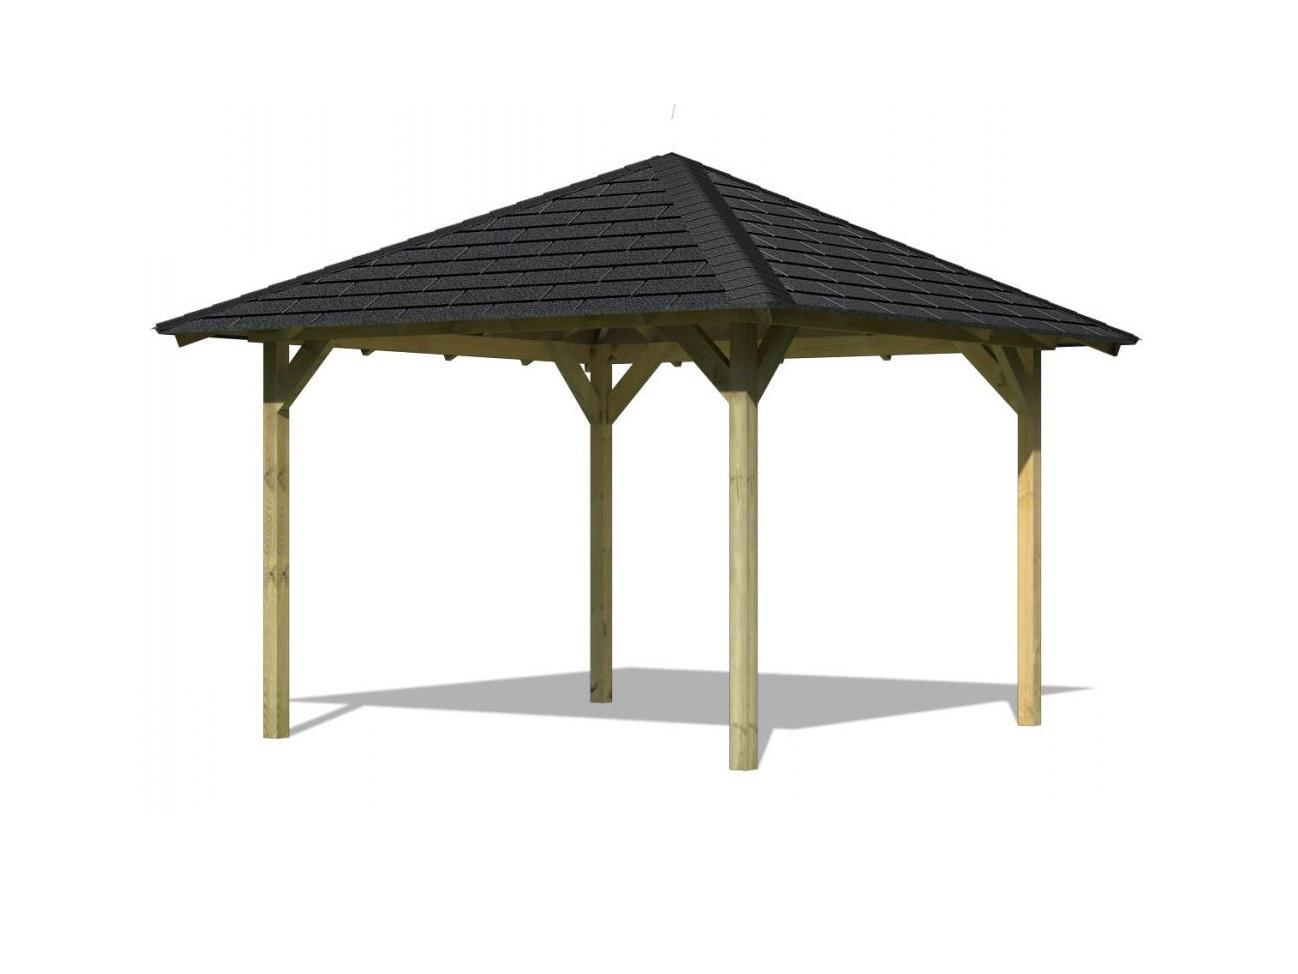 KARIBU CORDOBA 68820 zahradní altán vč. černého střešního šindele